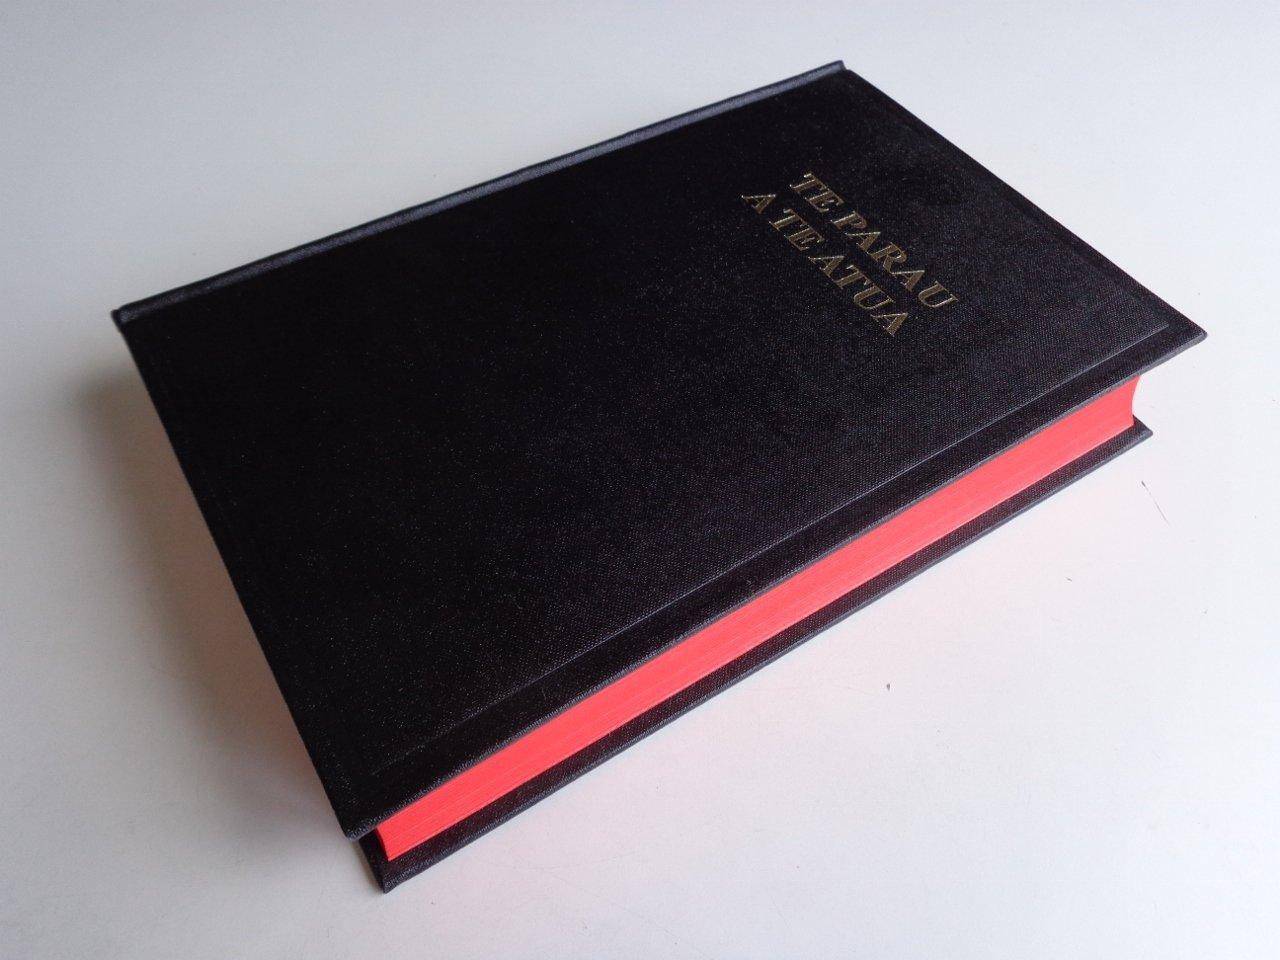 Tahitian Bible 053 Te Parau A Te Atua Te Bibilia Mo A Ra Oia Te Faufaa Tahito E Te Faufaa Api Ra Red Edges Black Hardcover Column References